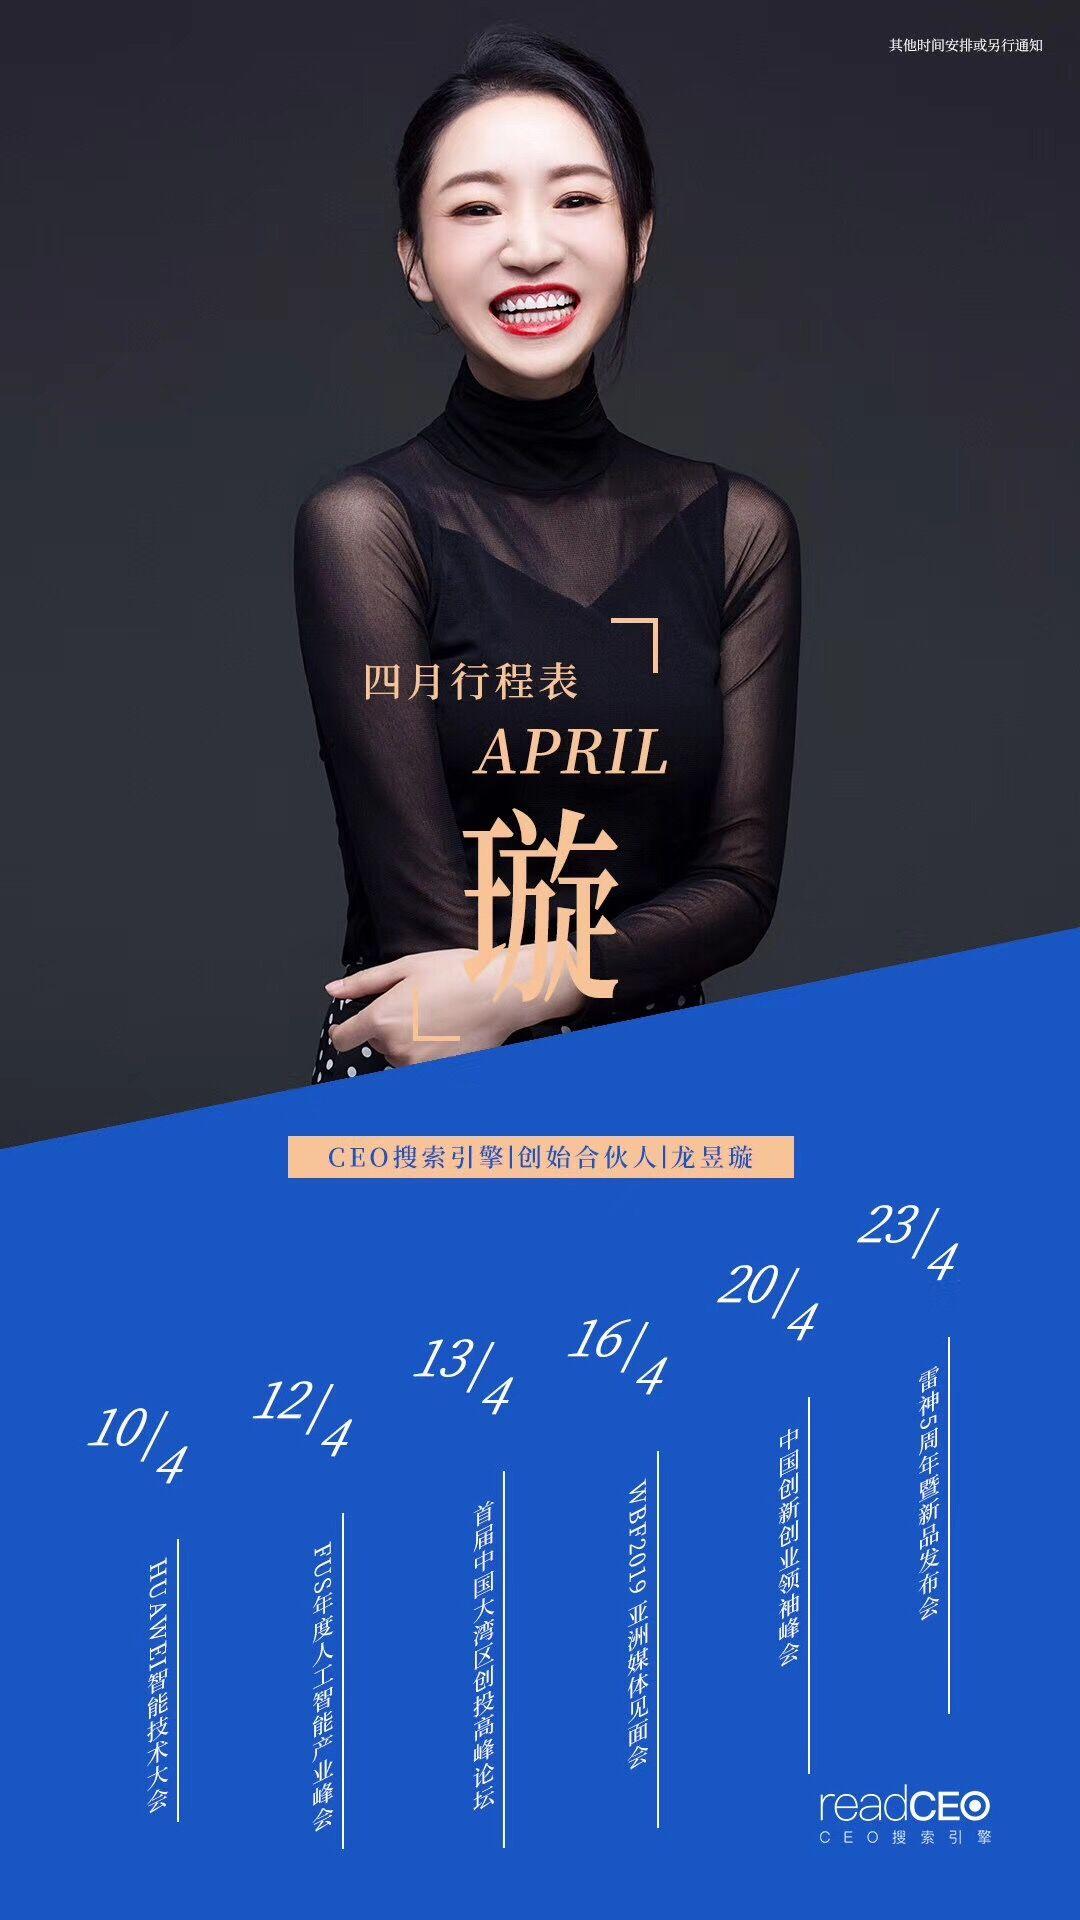 4月行程表